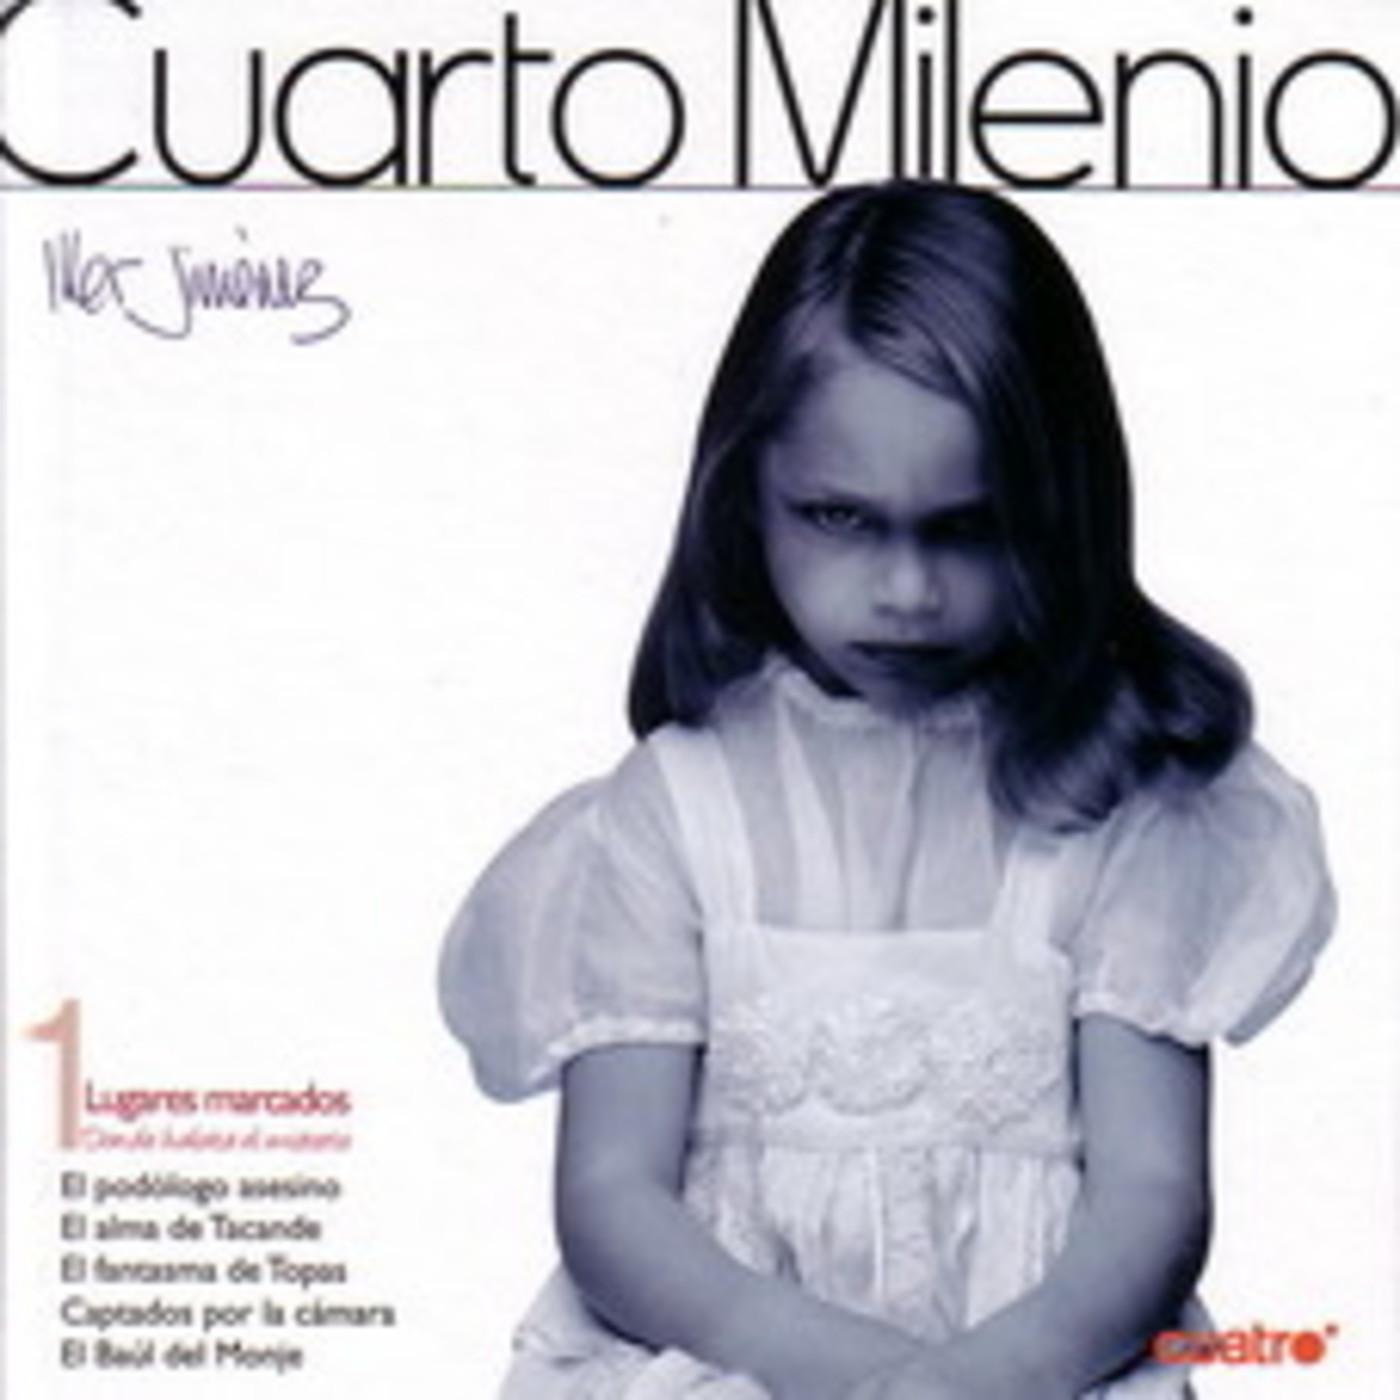 Especial Cuarto milenio: Lugares marcados (2009) en Cuarto ...